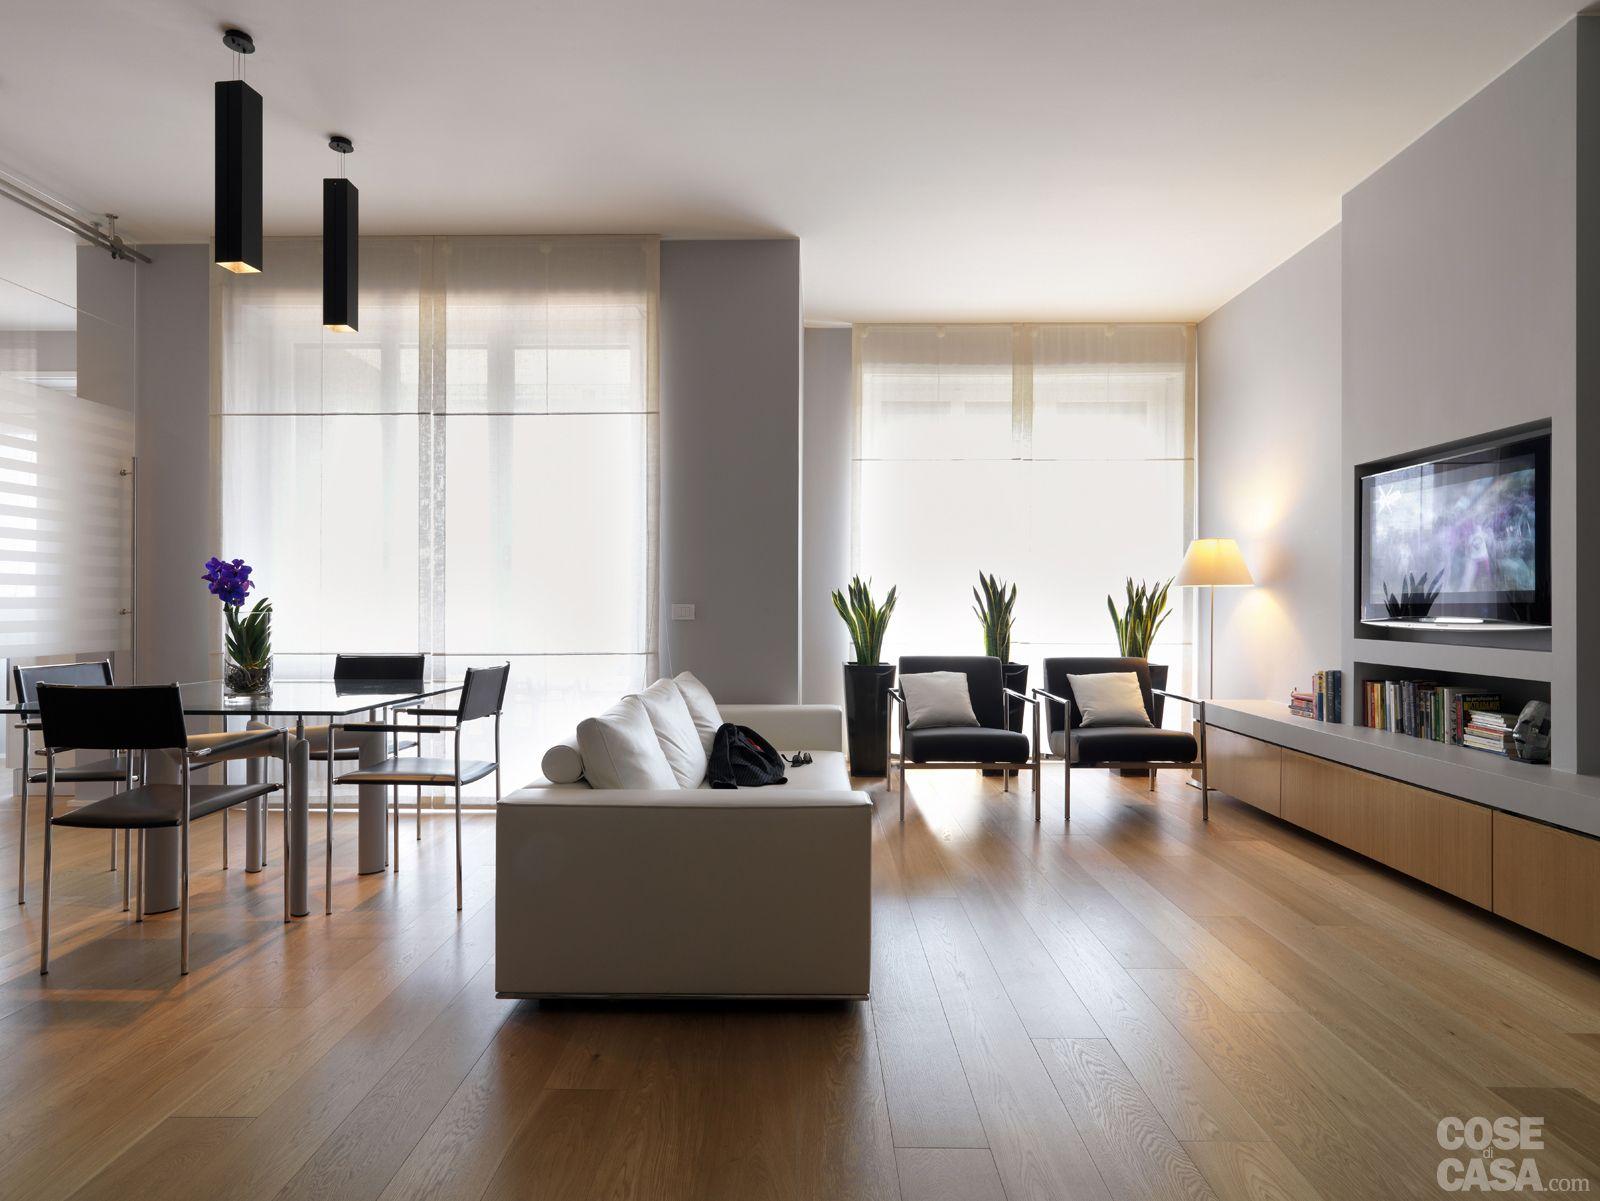 Una casa con una nuova articolata distribuzione nel 2019 for Case moderne interni open space